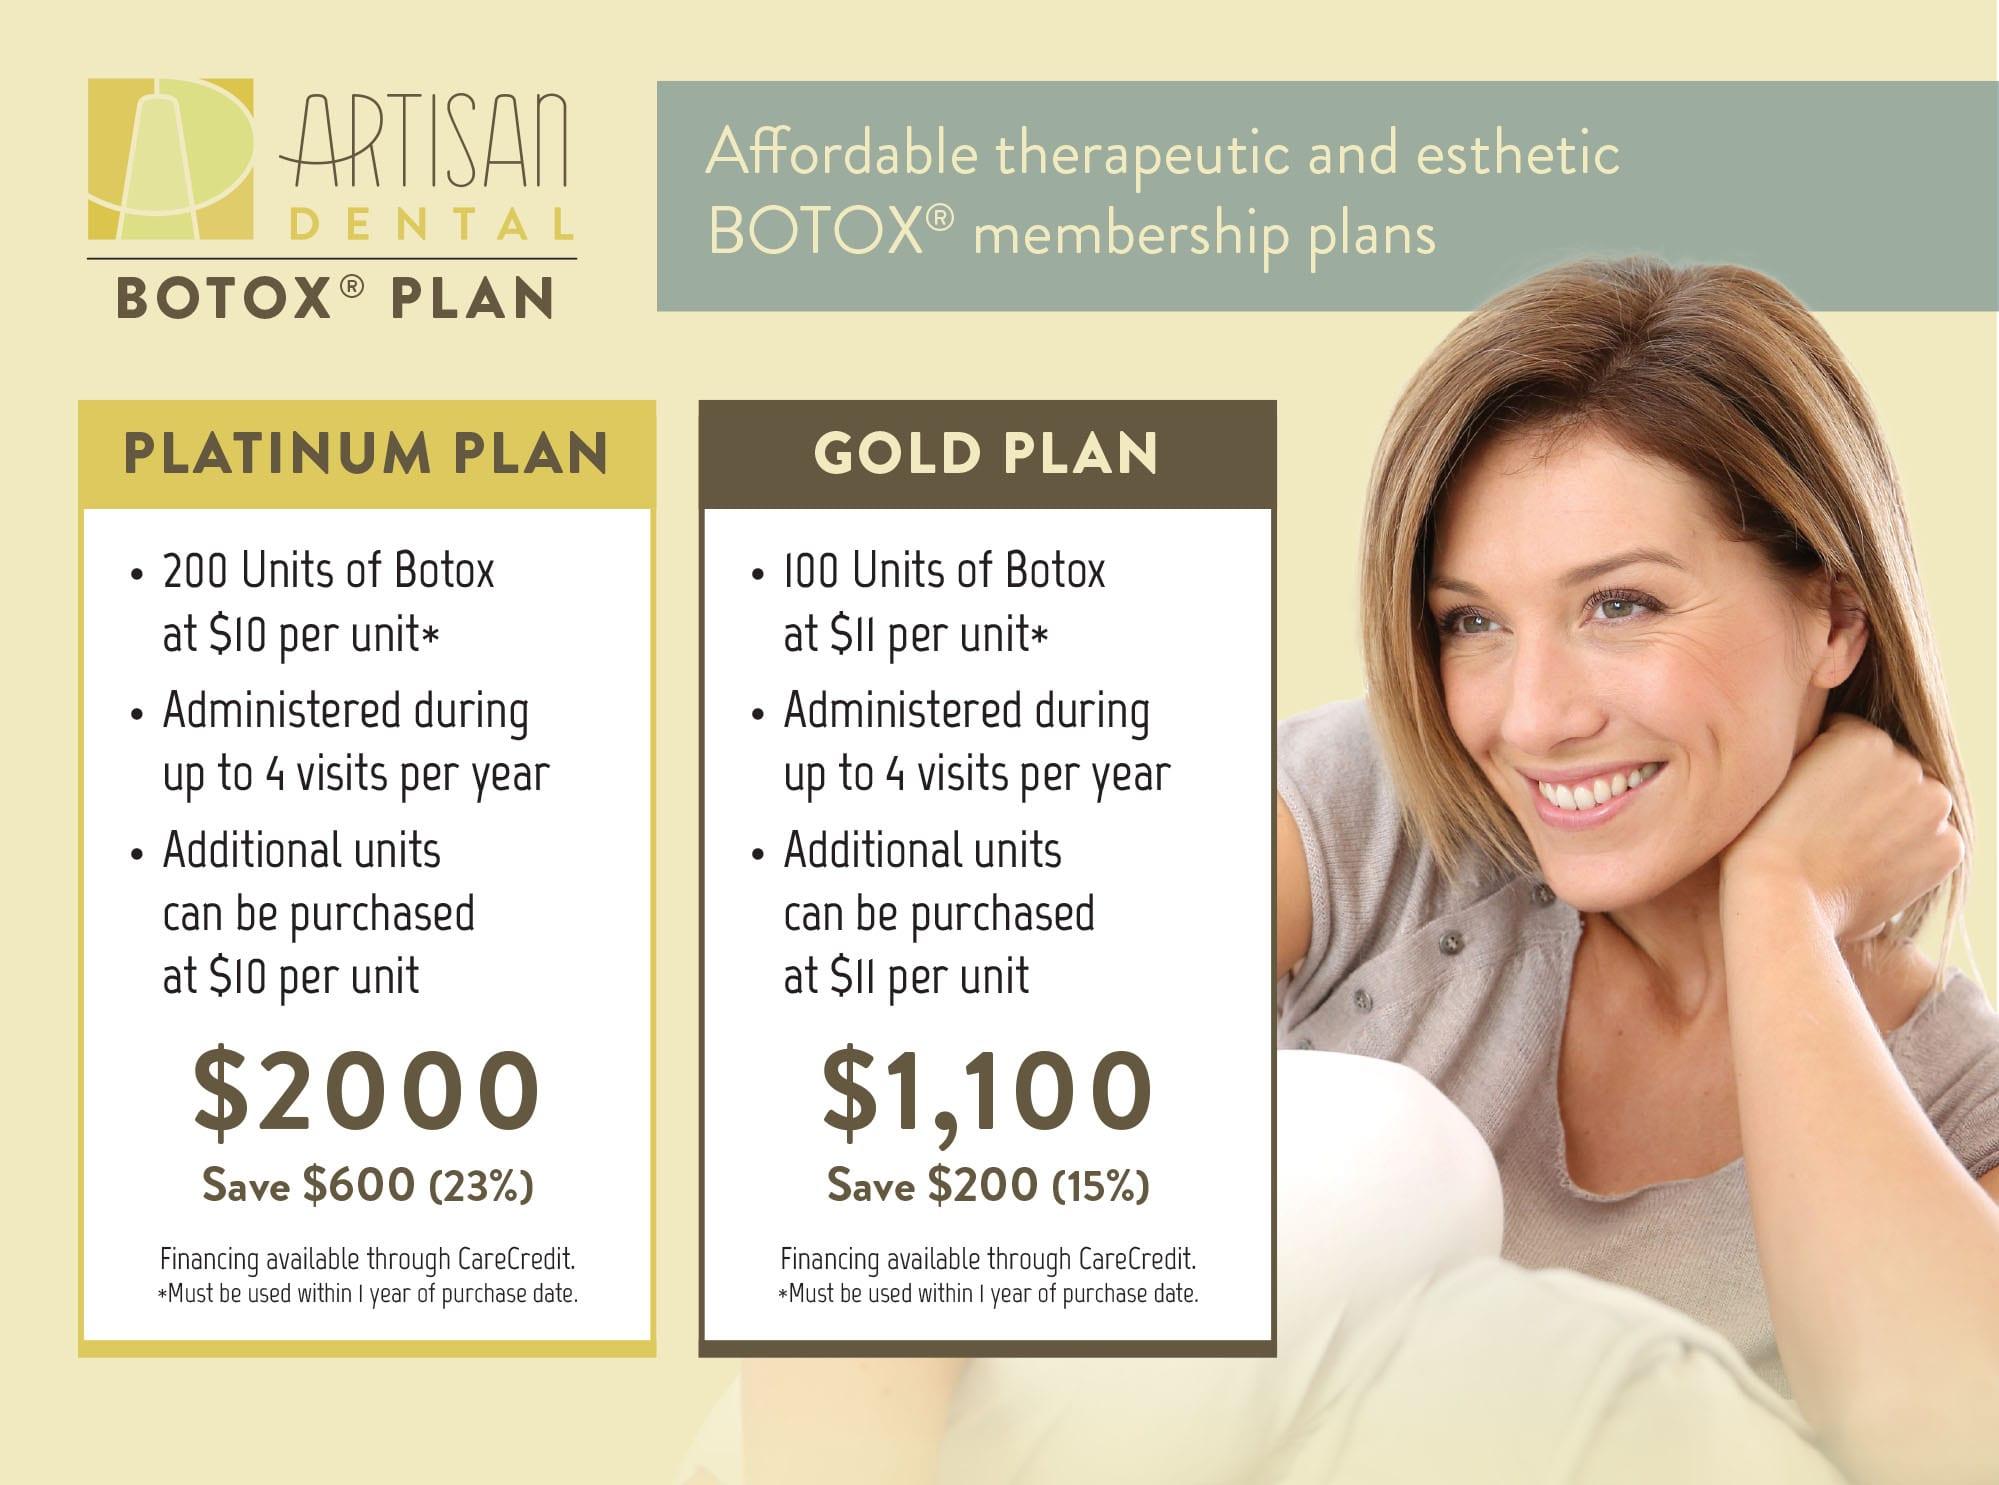 Artisan Dental Botox plan